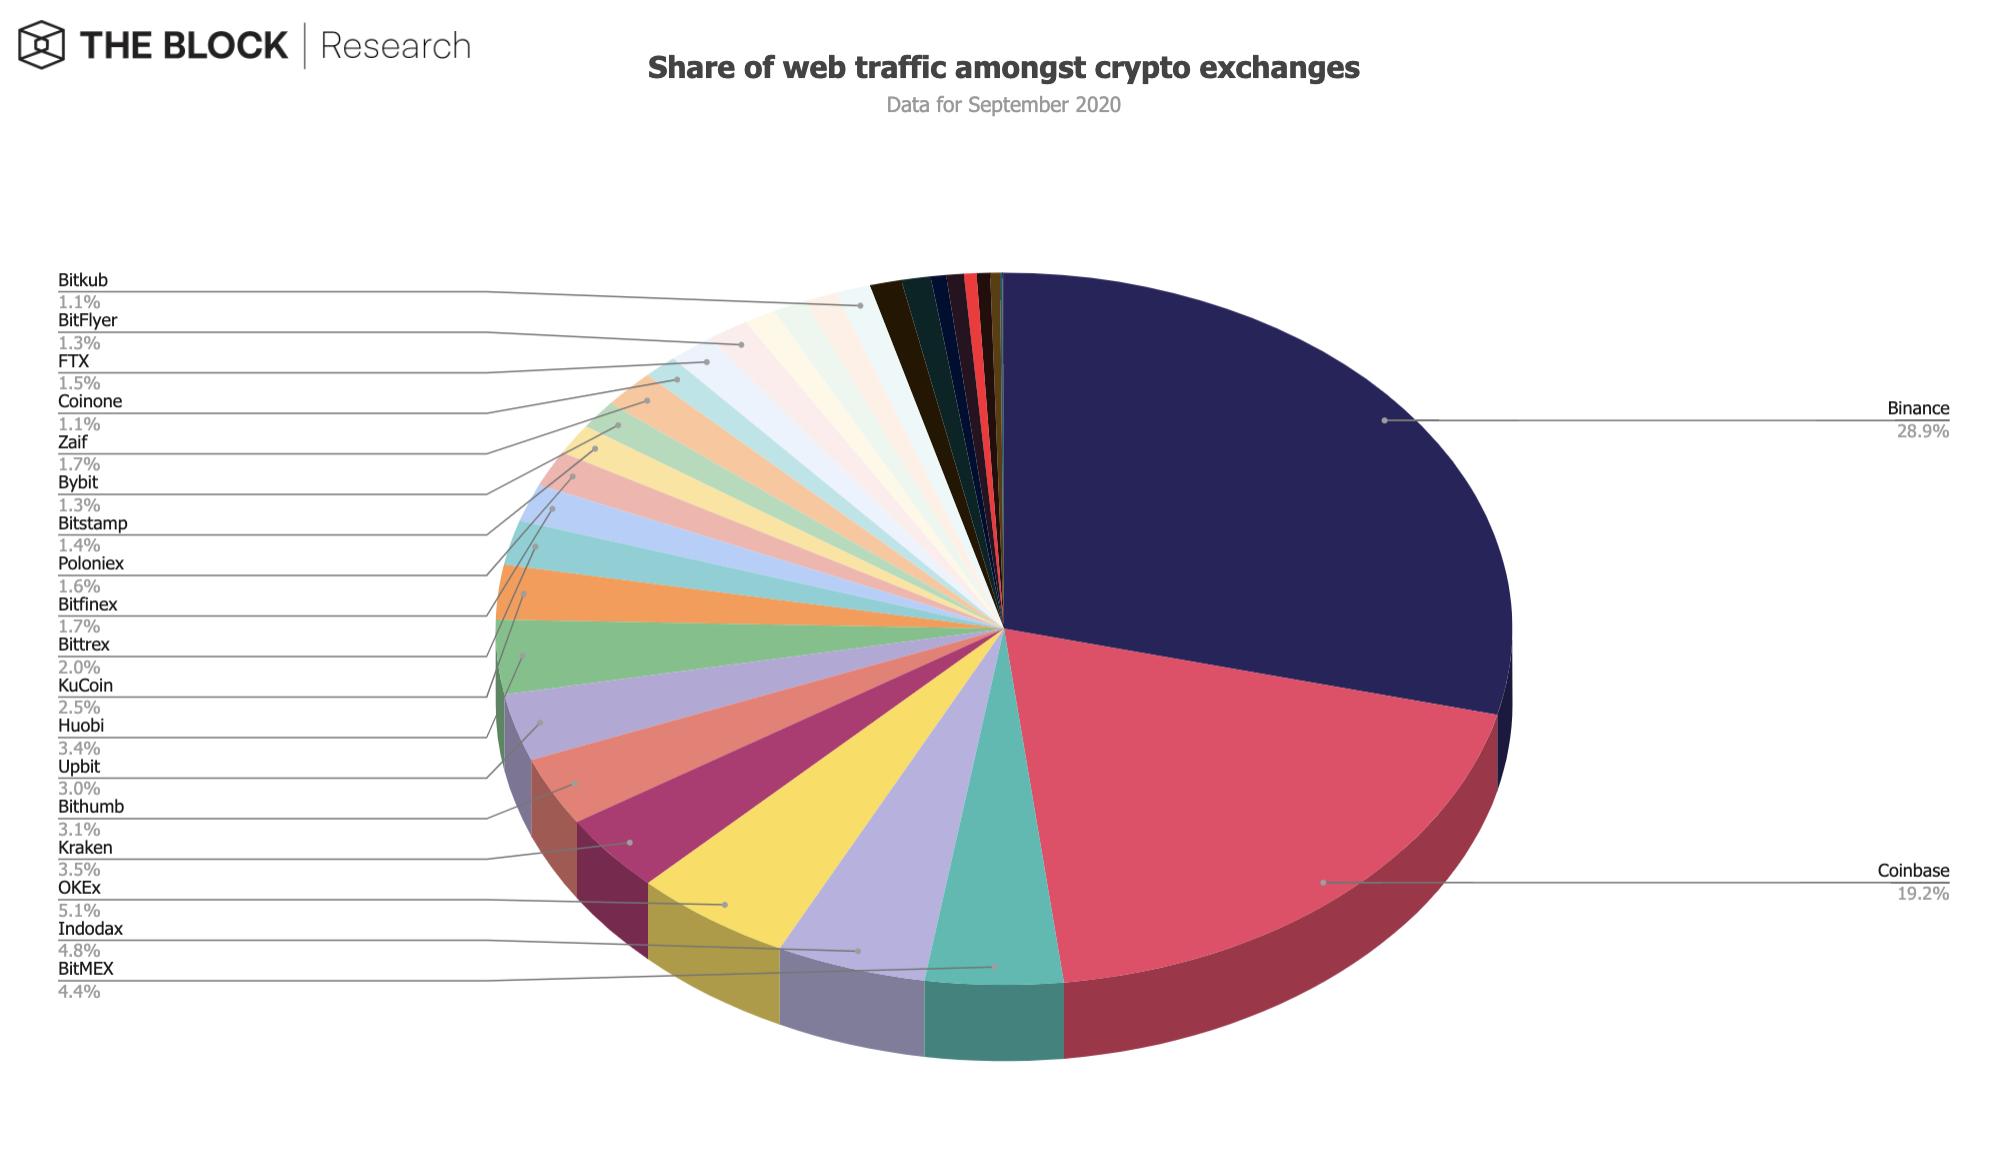 Веб-трафик на биржах криптовалют упал более чем на 14% в сентябре